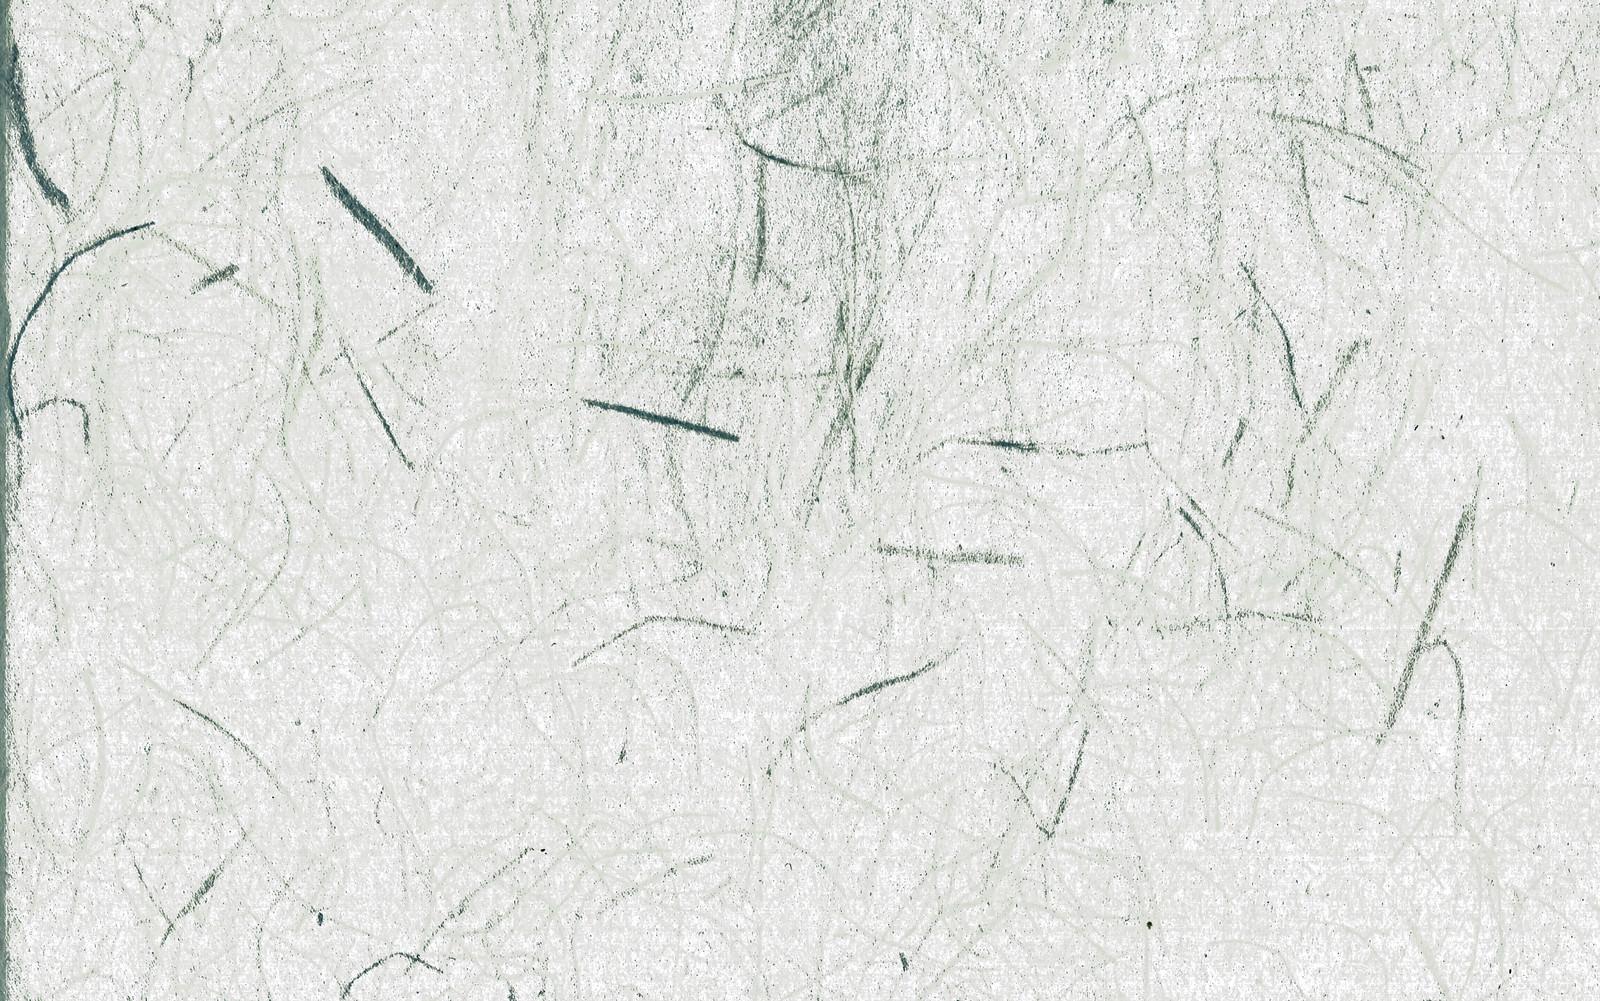 「擦れた繊維和紙」の写真